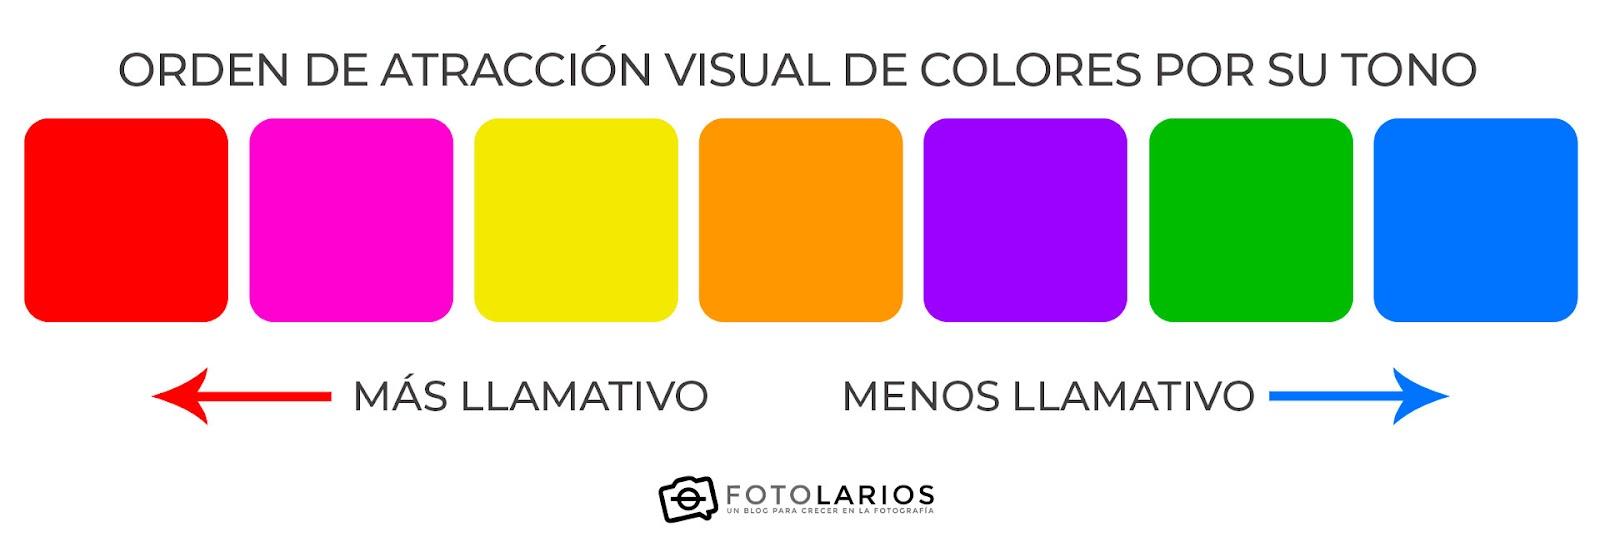 Orden de atracción visual de los colores